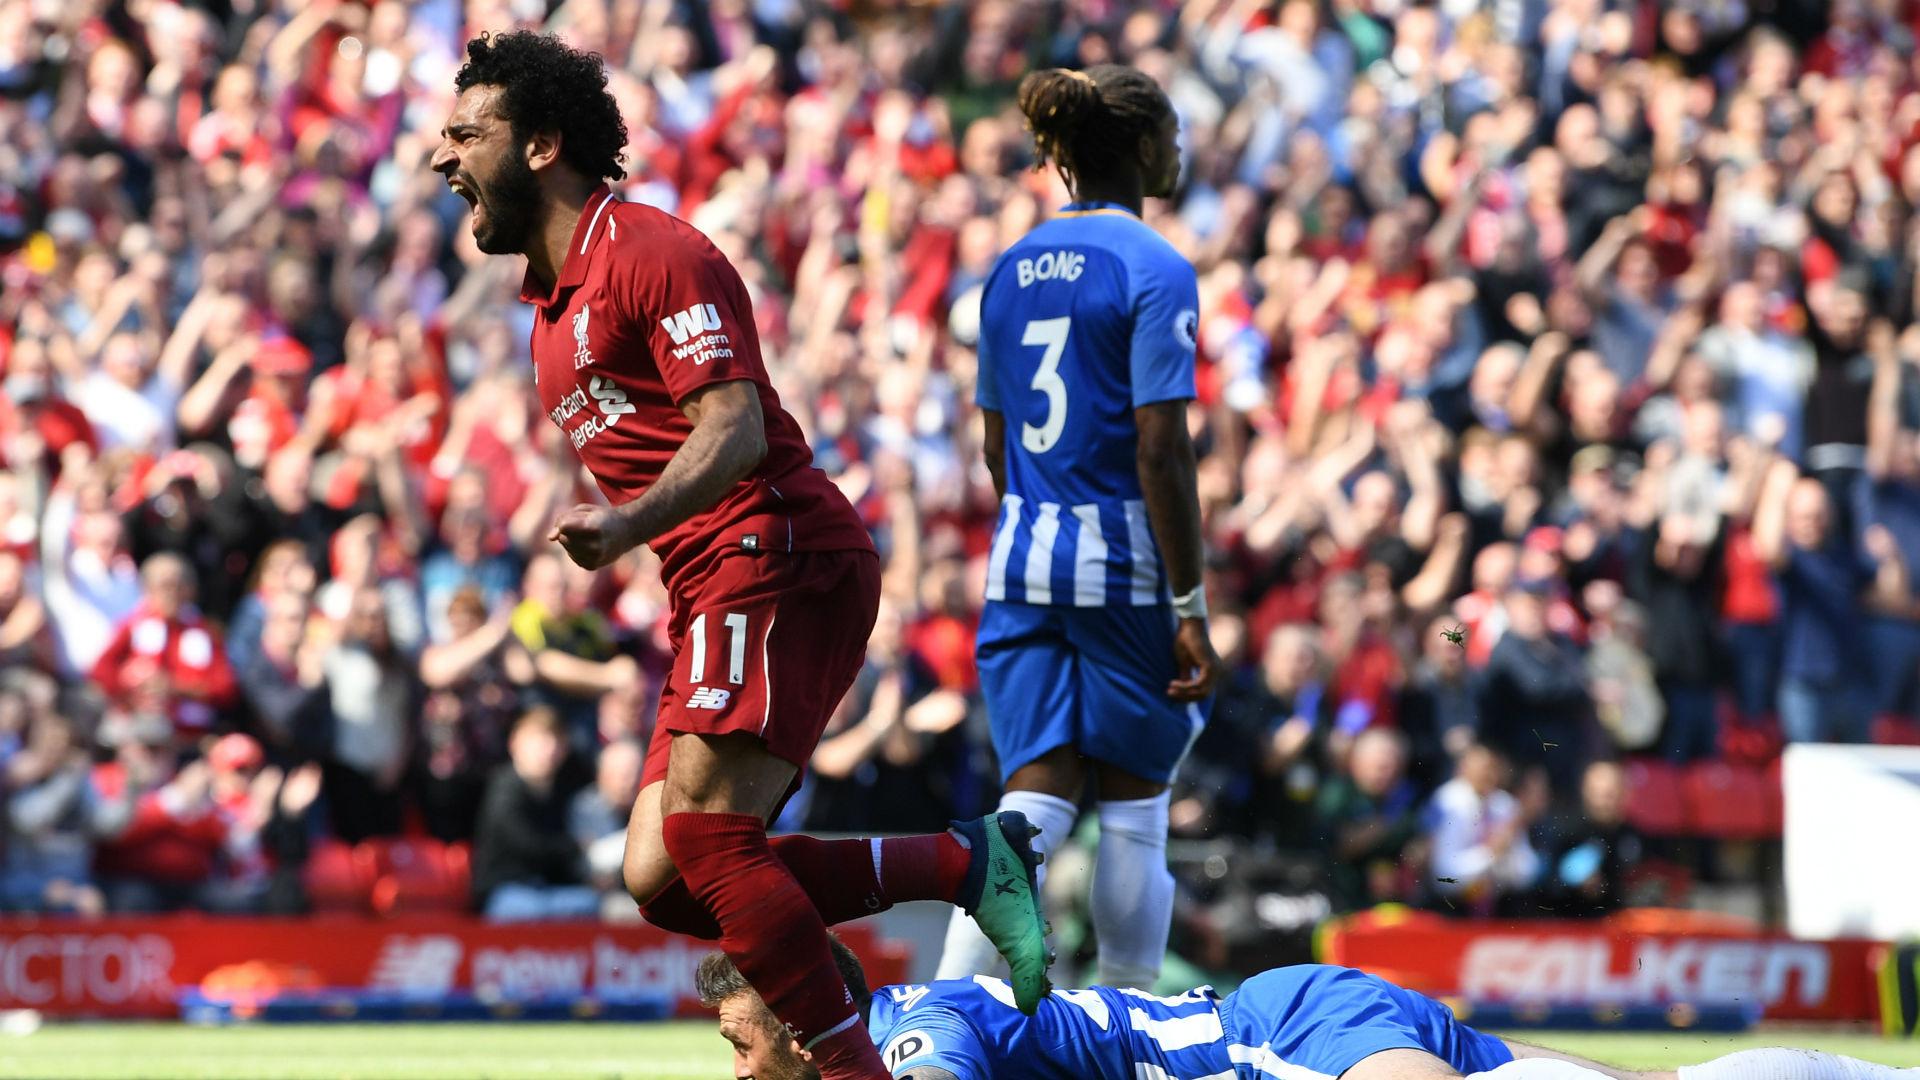 Mohamed Salah scores against Brighton